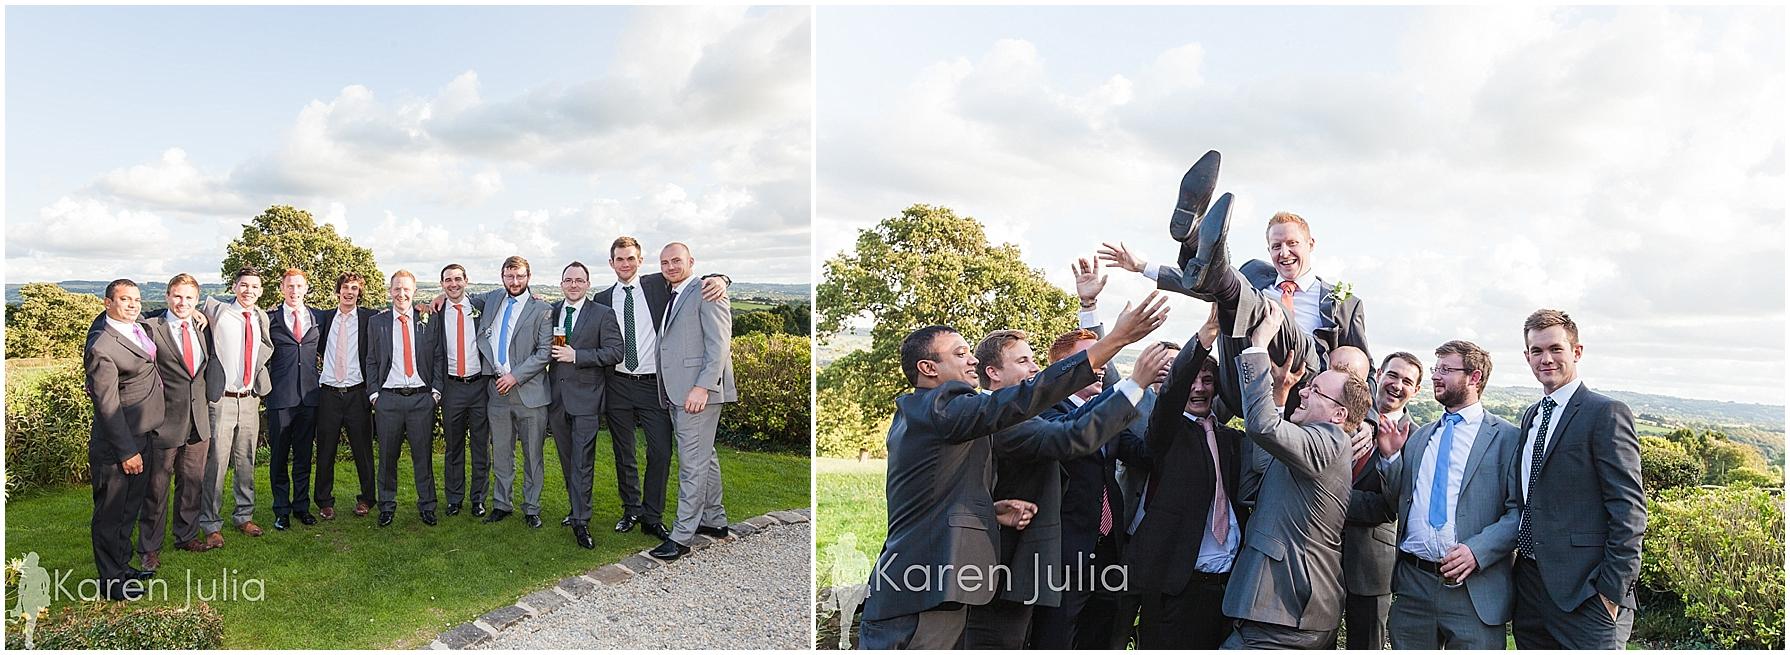 Shireburn-Arms-Wedding-Photography-48